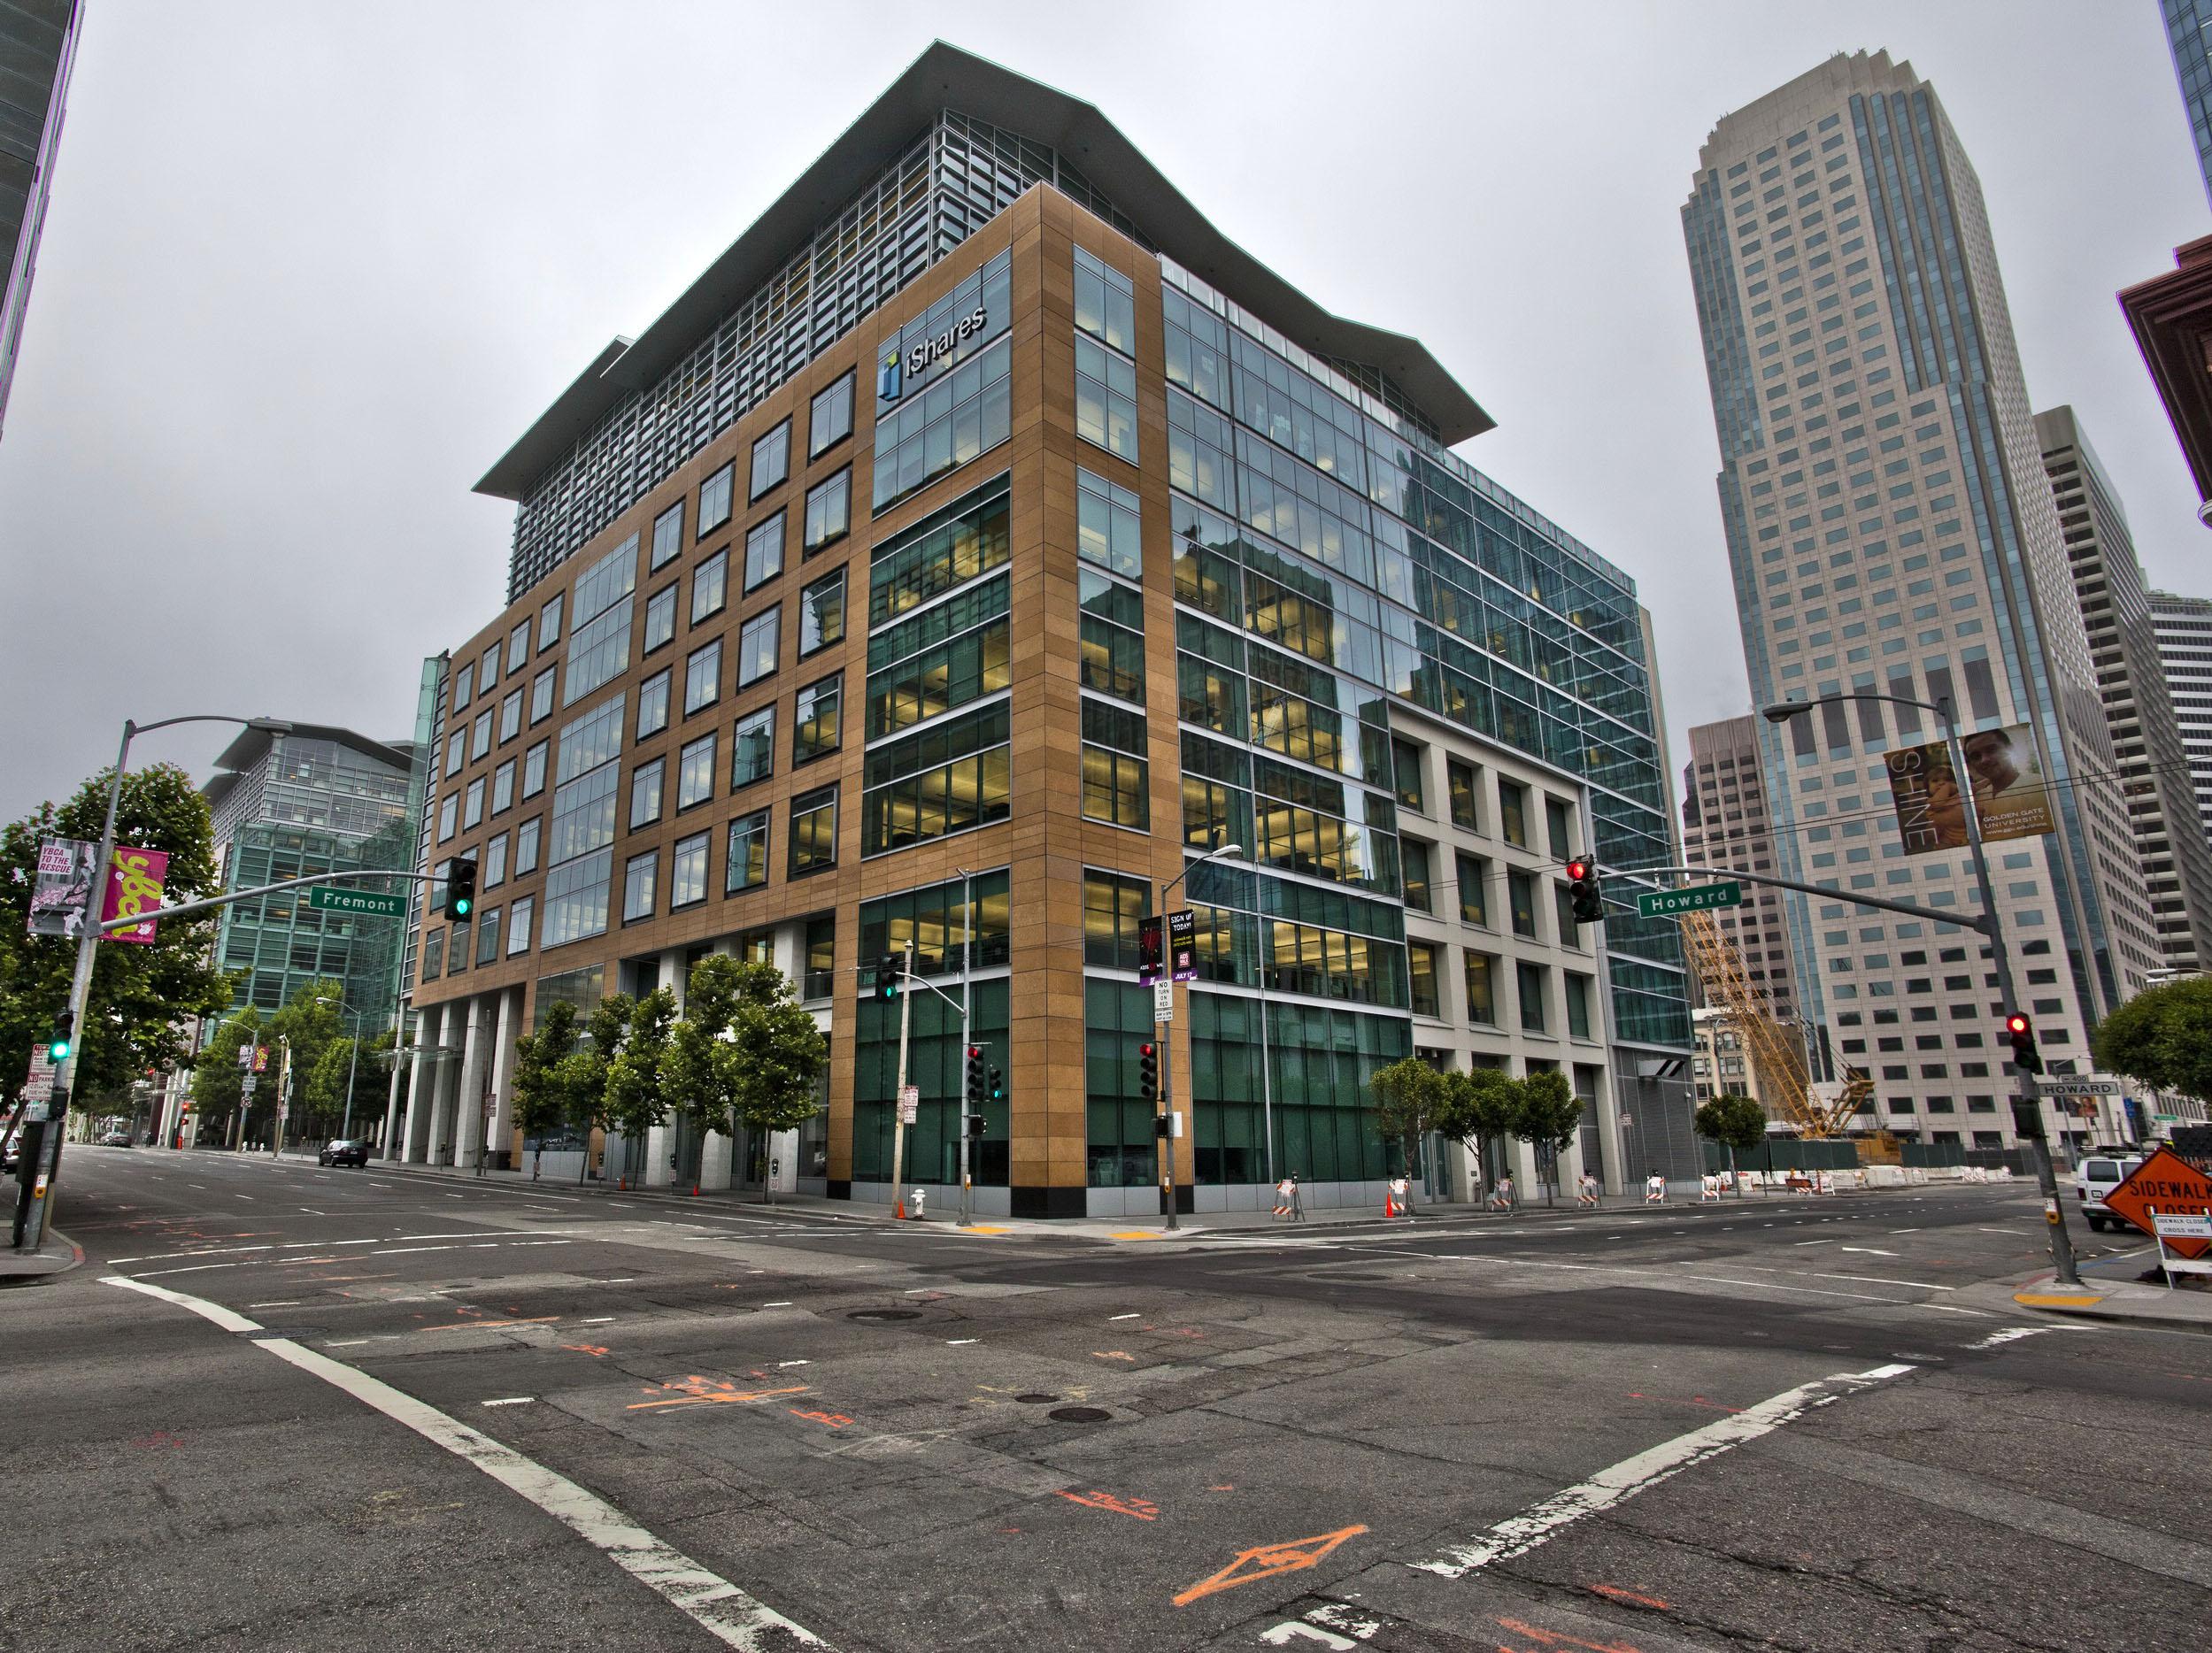 Architecture Blackrock Bldg cnr Howard and Fremont St San Francisco CA July 2011 01